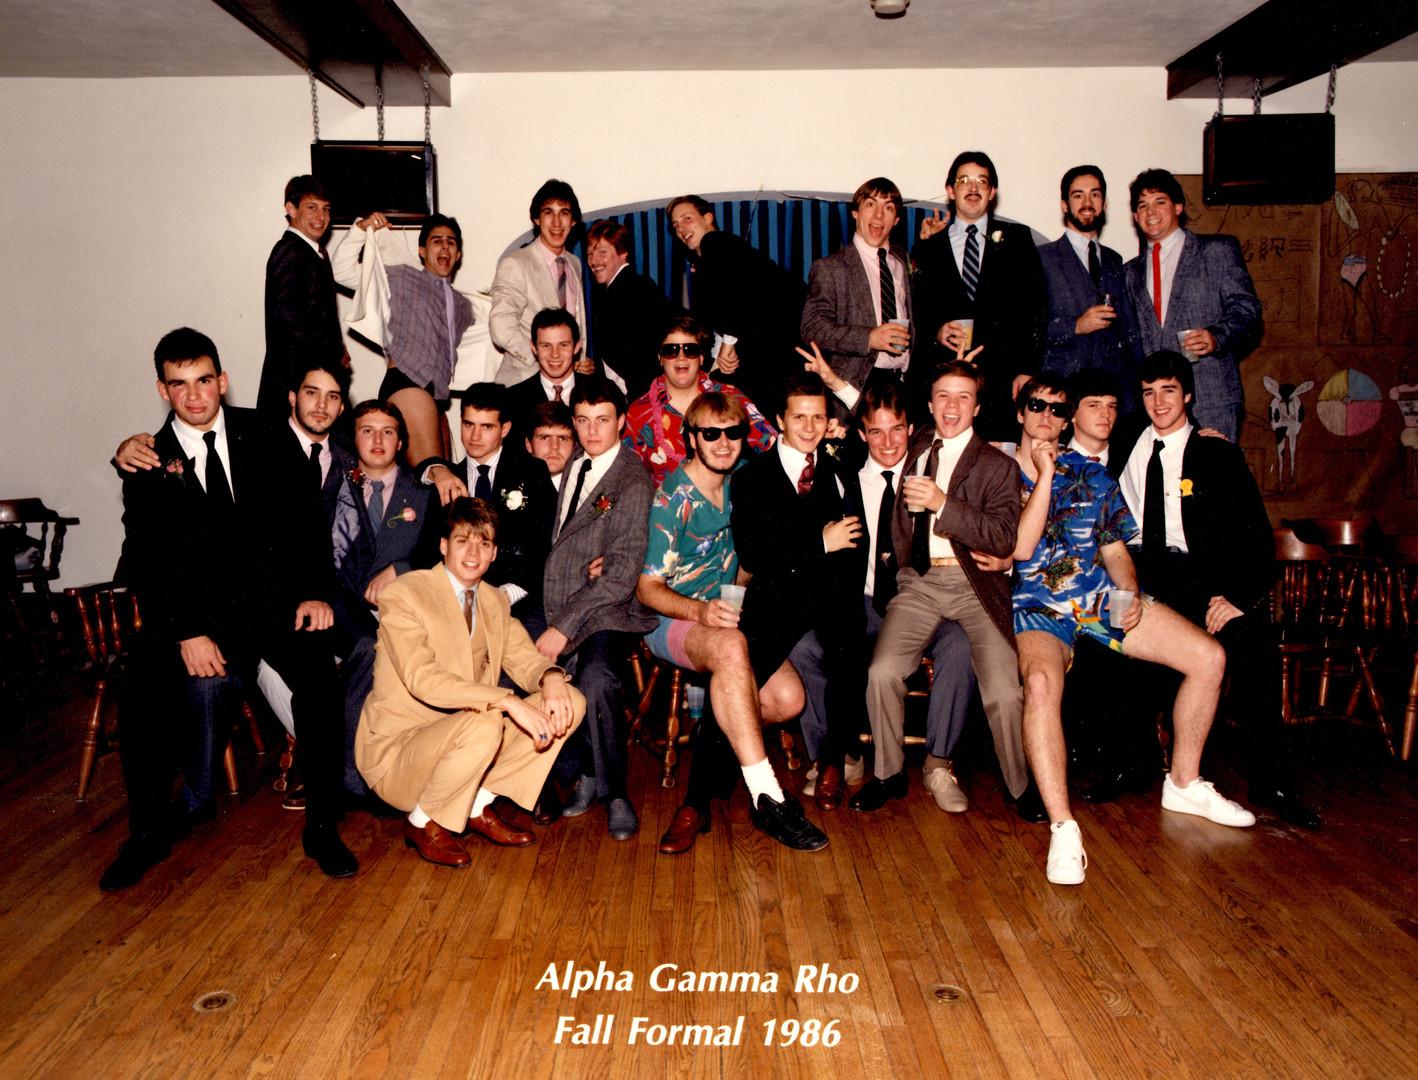 Fall Formal 1986.jpg